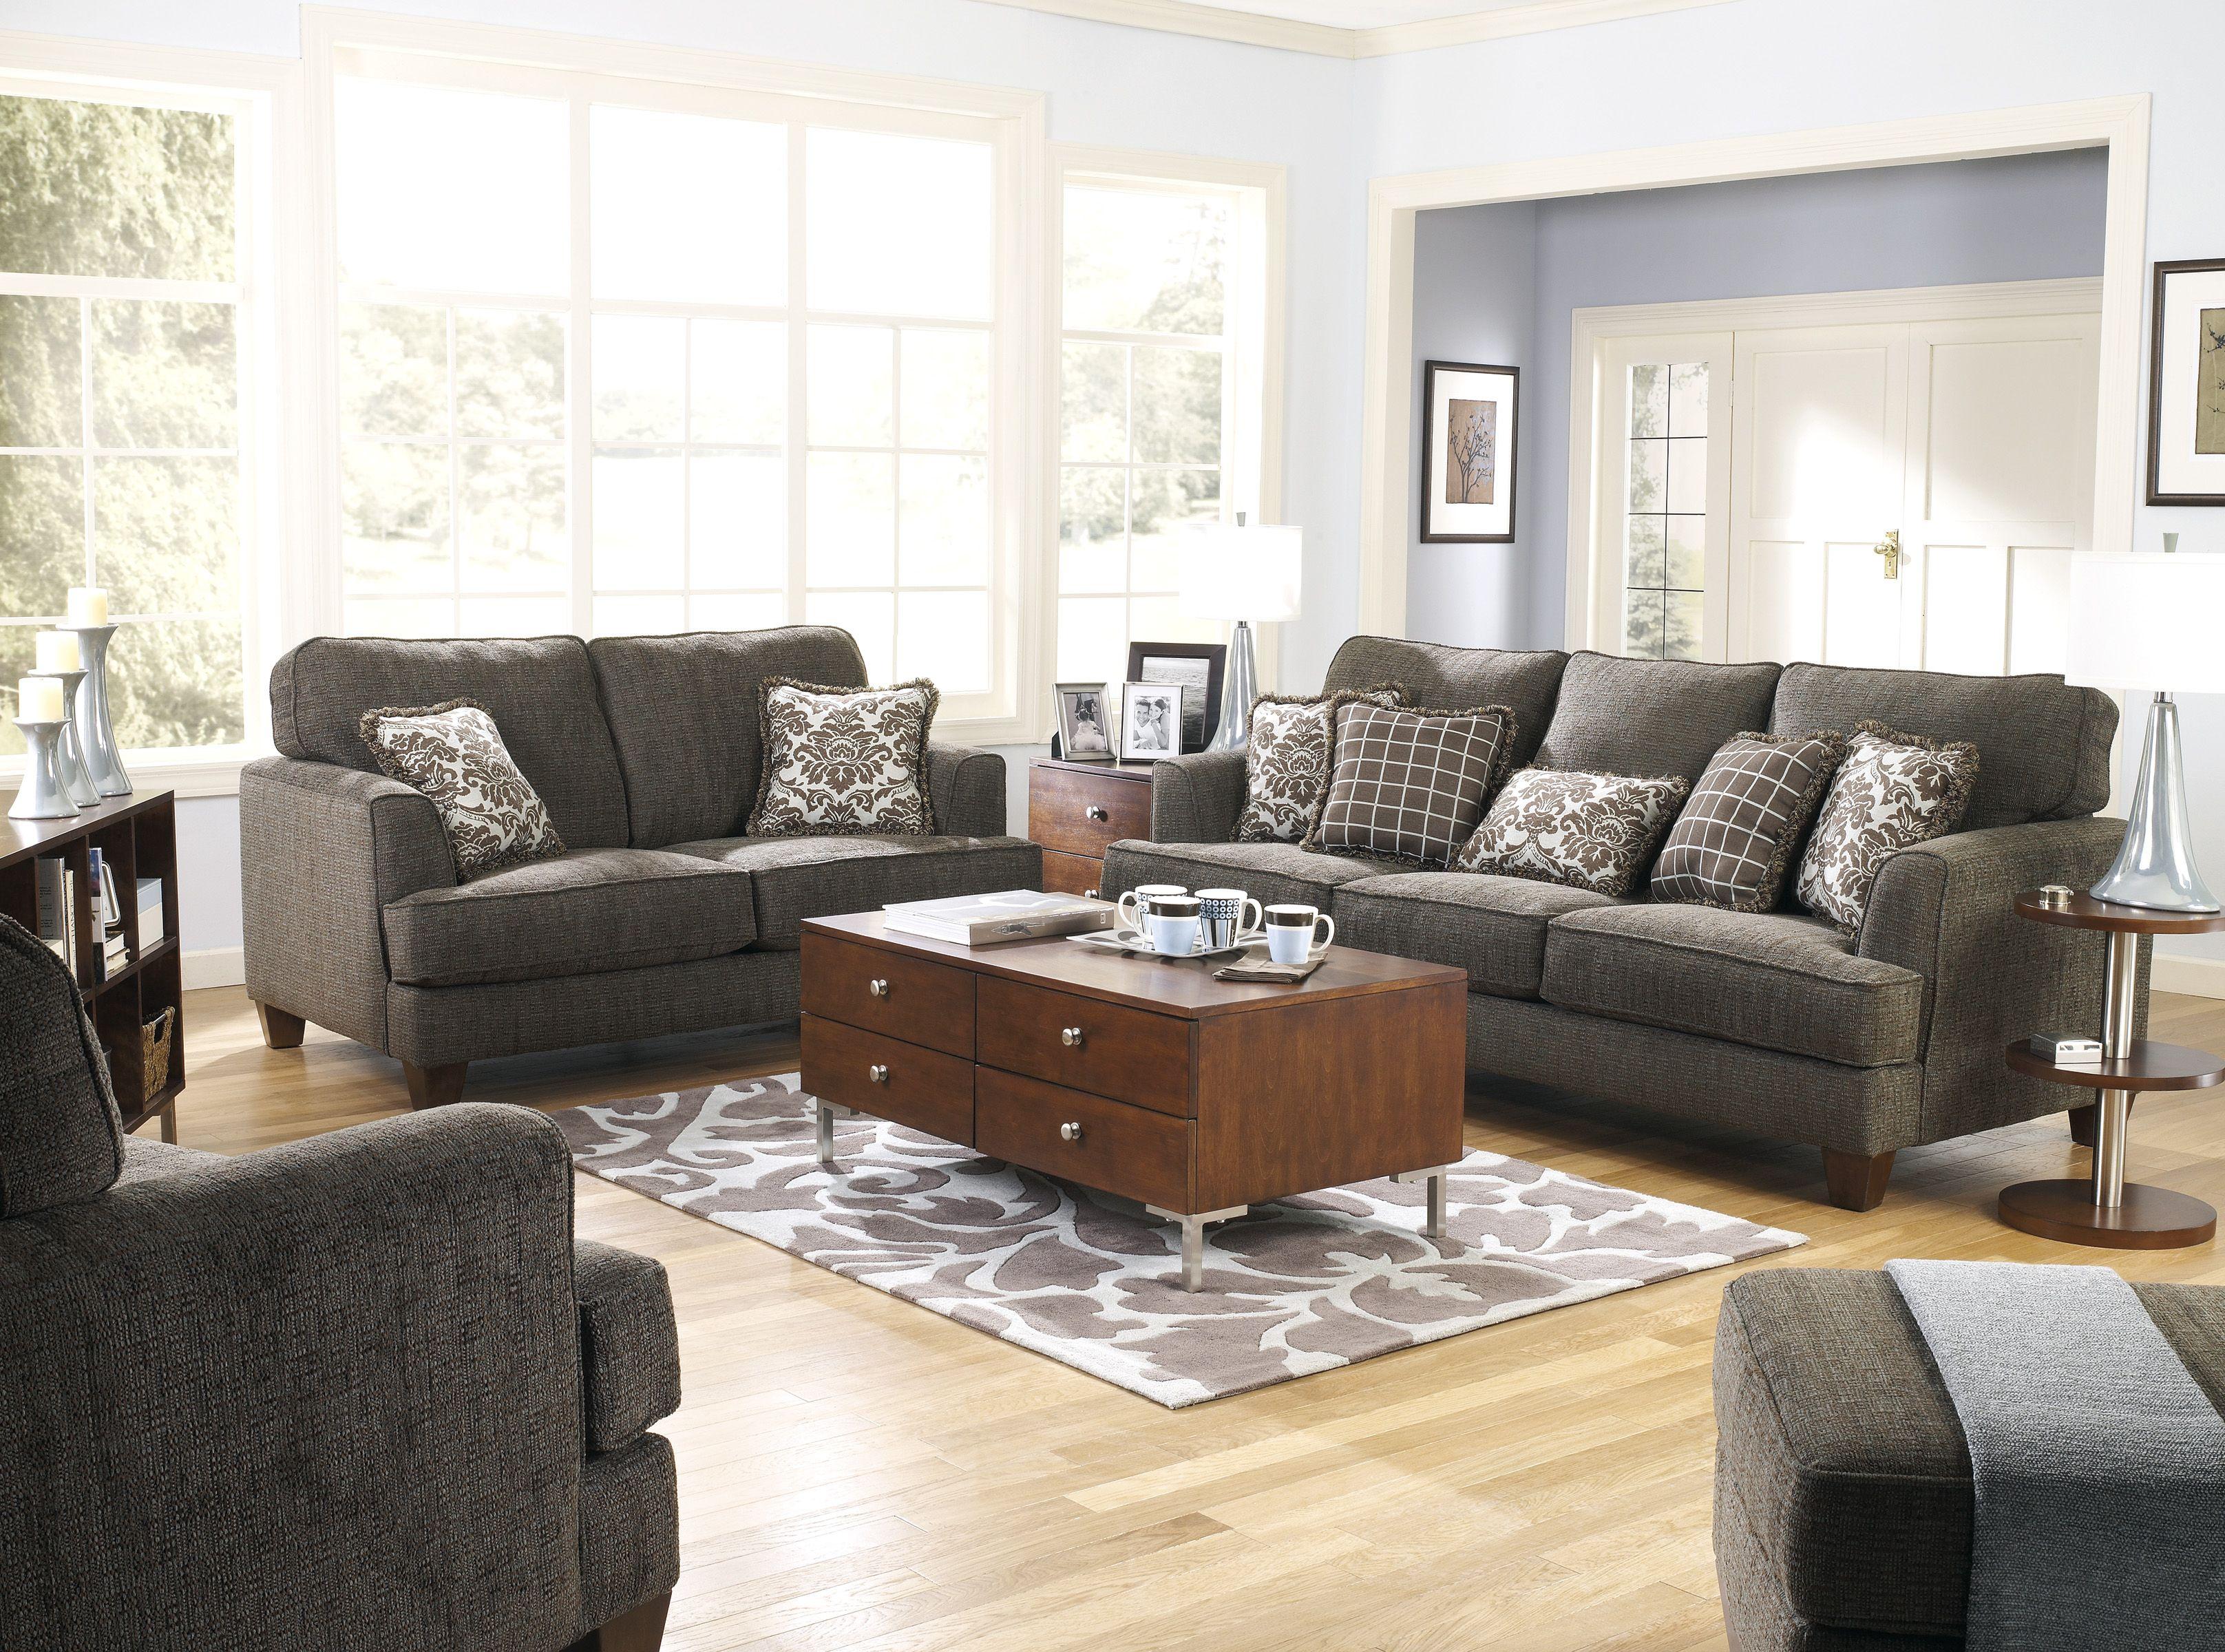 إذا كان لديك أطفال صغار في العمر عليك اختيار أطقم الكنب الداكنة وسهلة التنظيف في آشلي تنوع الأثاث على ذو Living Room Sofa Set Living Room Sofa Furniture